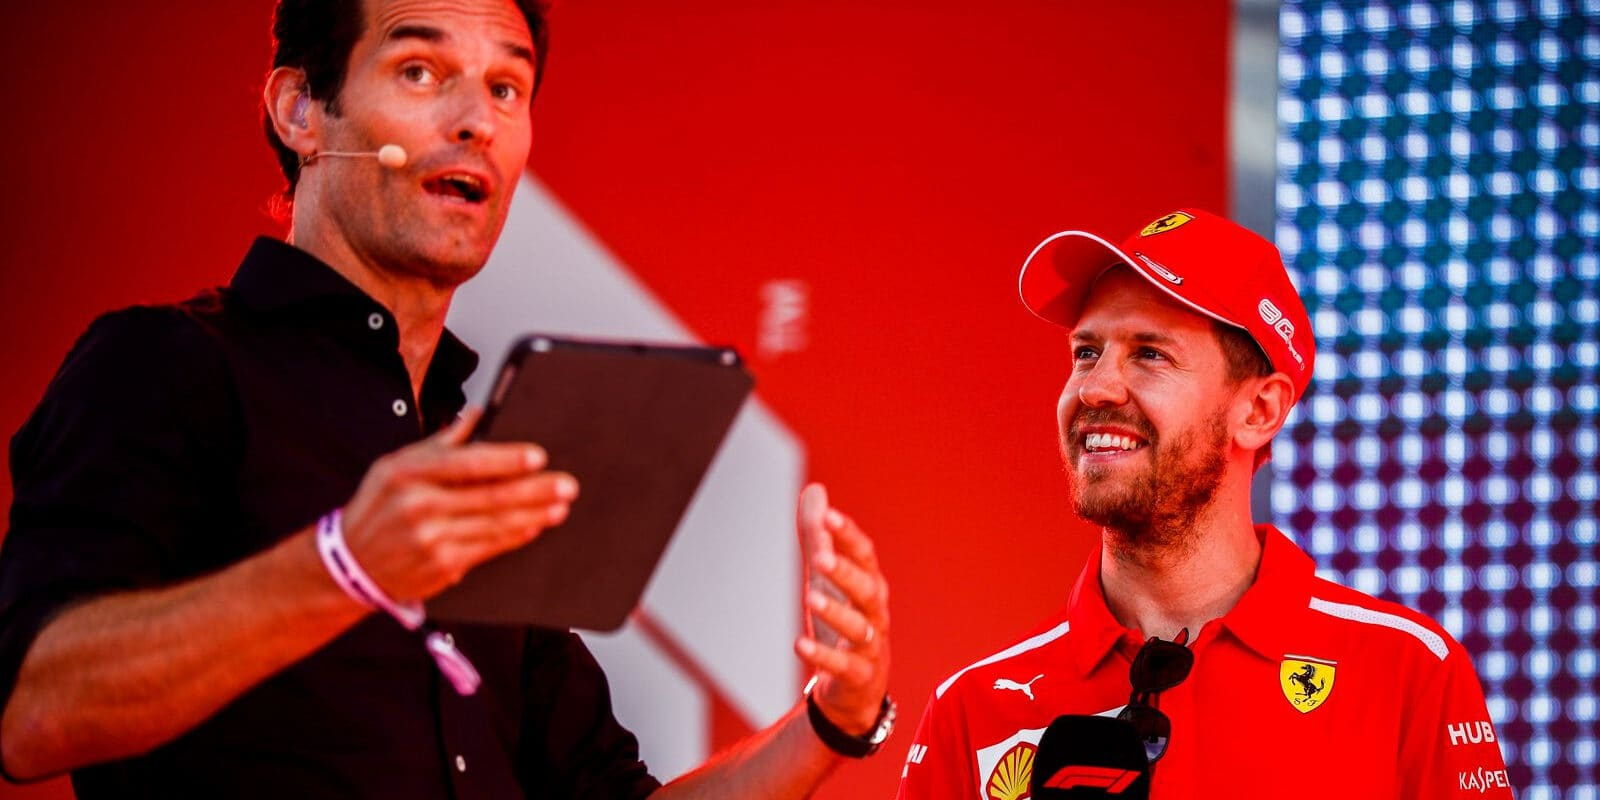 Vettel si vezme rok volna, myslí si bývalý kolega Webber